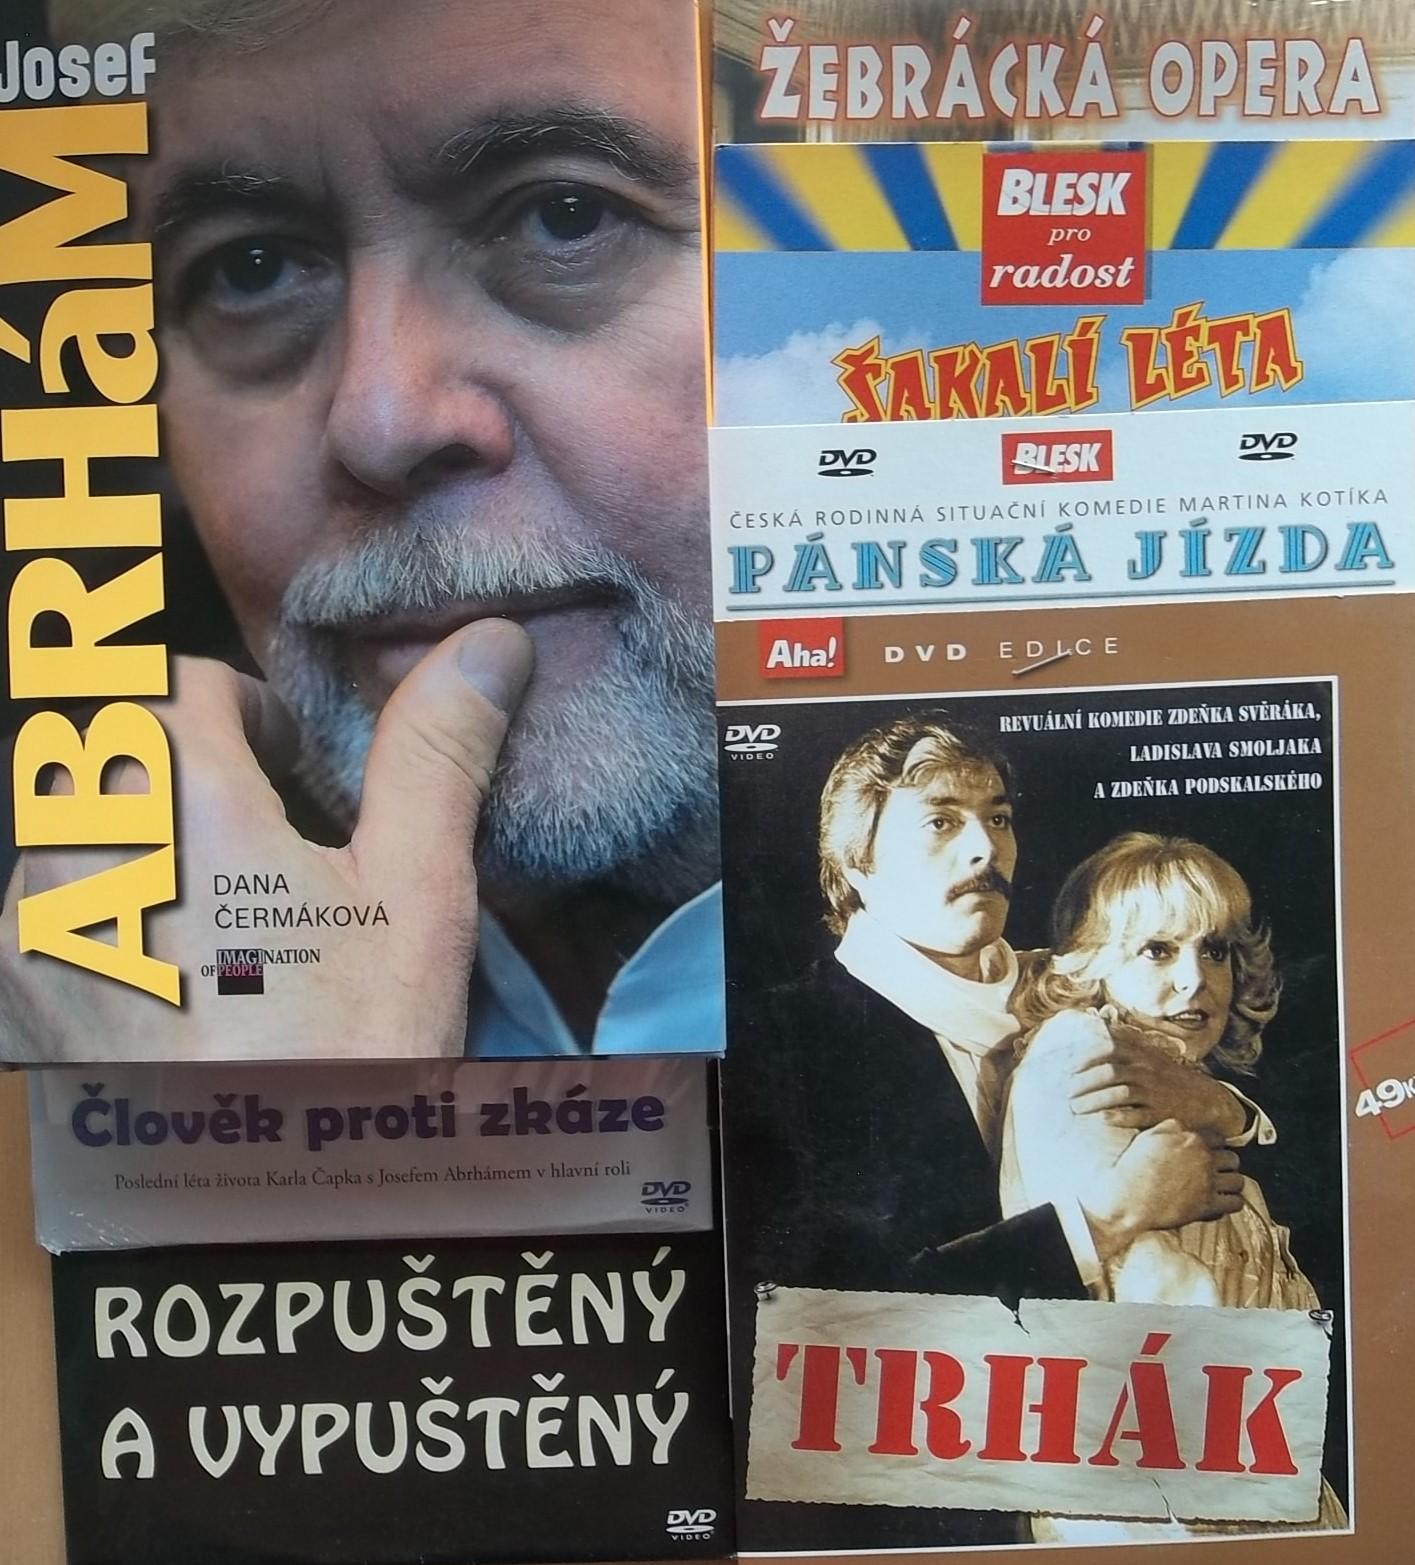 Josef Abrhám - Dana Čermáková + 6DVD kolekce